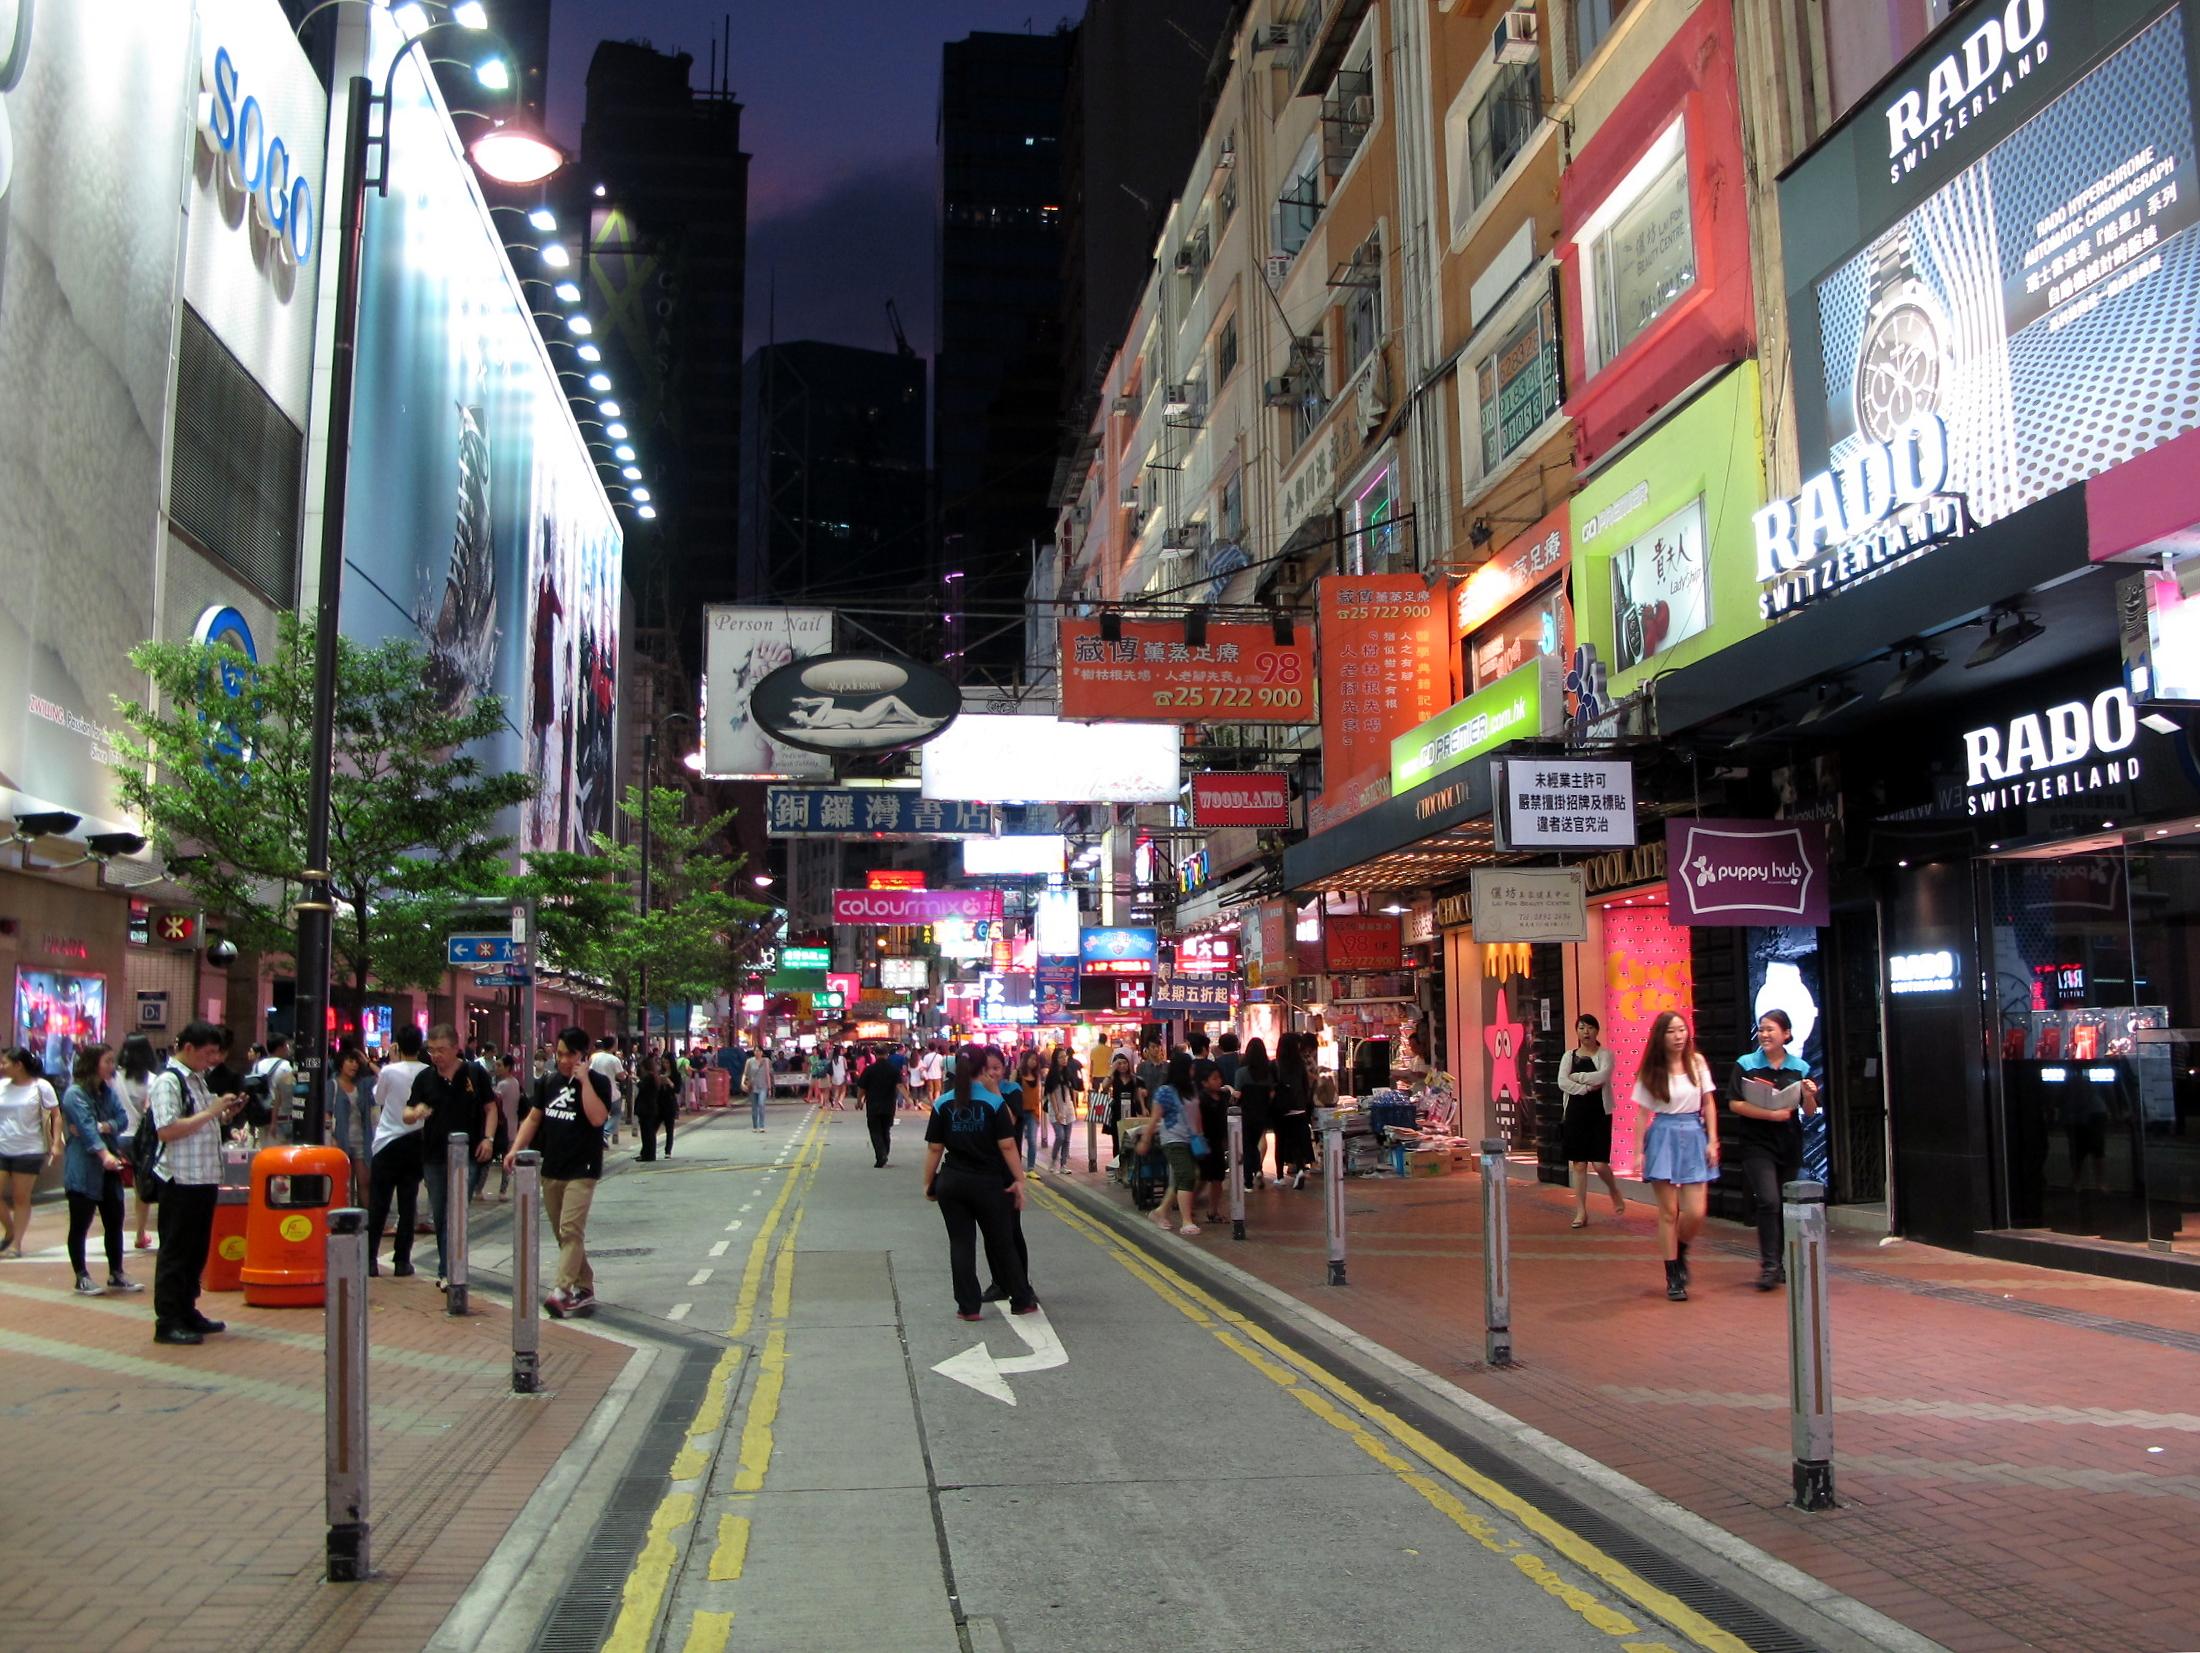 ผลการค้นหารูปภาพสำหรับ Lockhart Road Wan Chai, Causeway Bay, Hong Kong